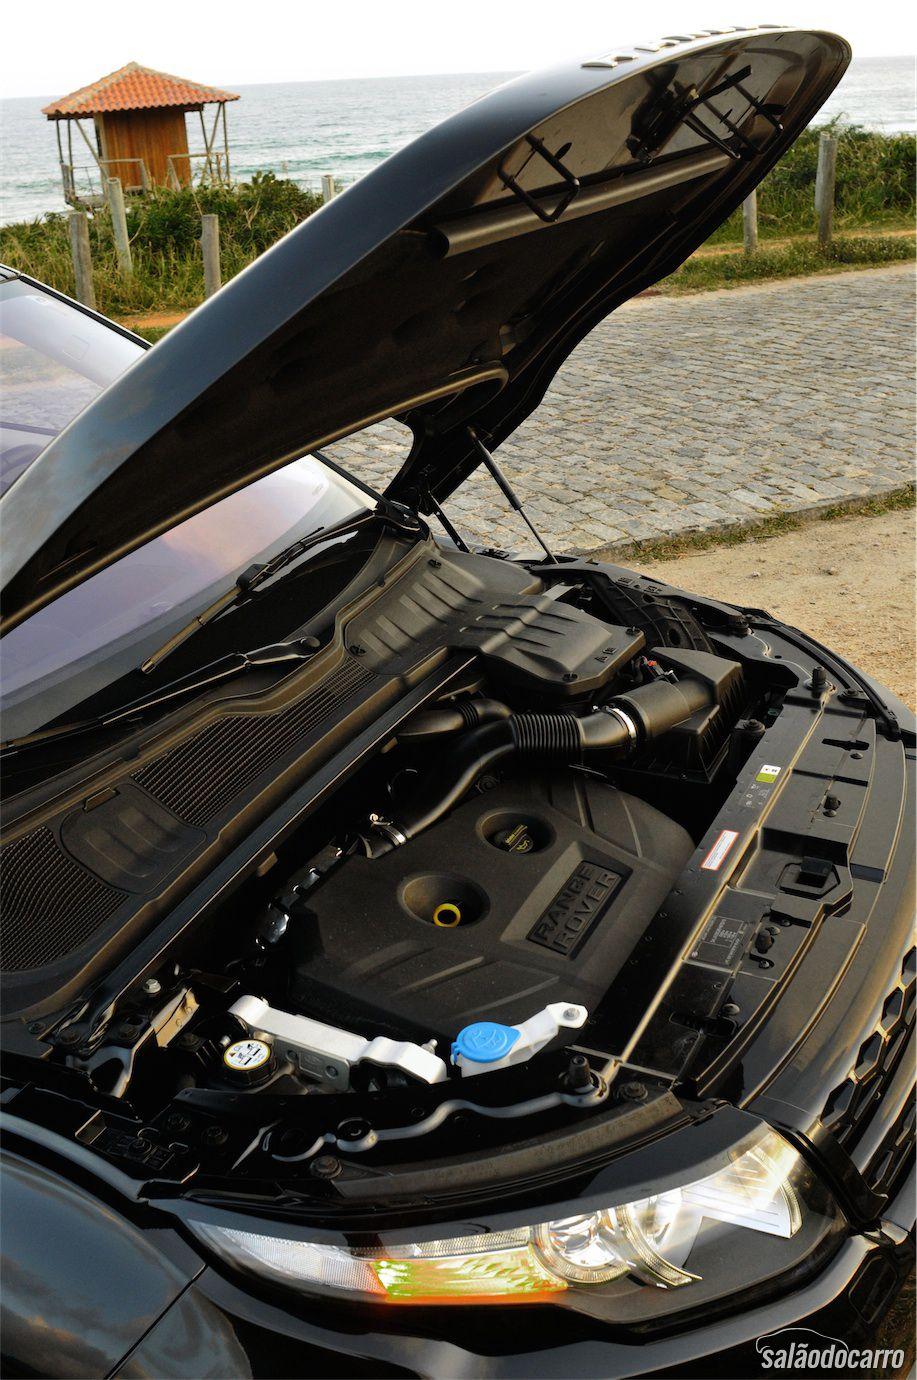 Sob o capô, o motor 2.0 turbo que entrega 240 cv